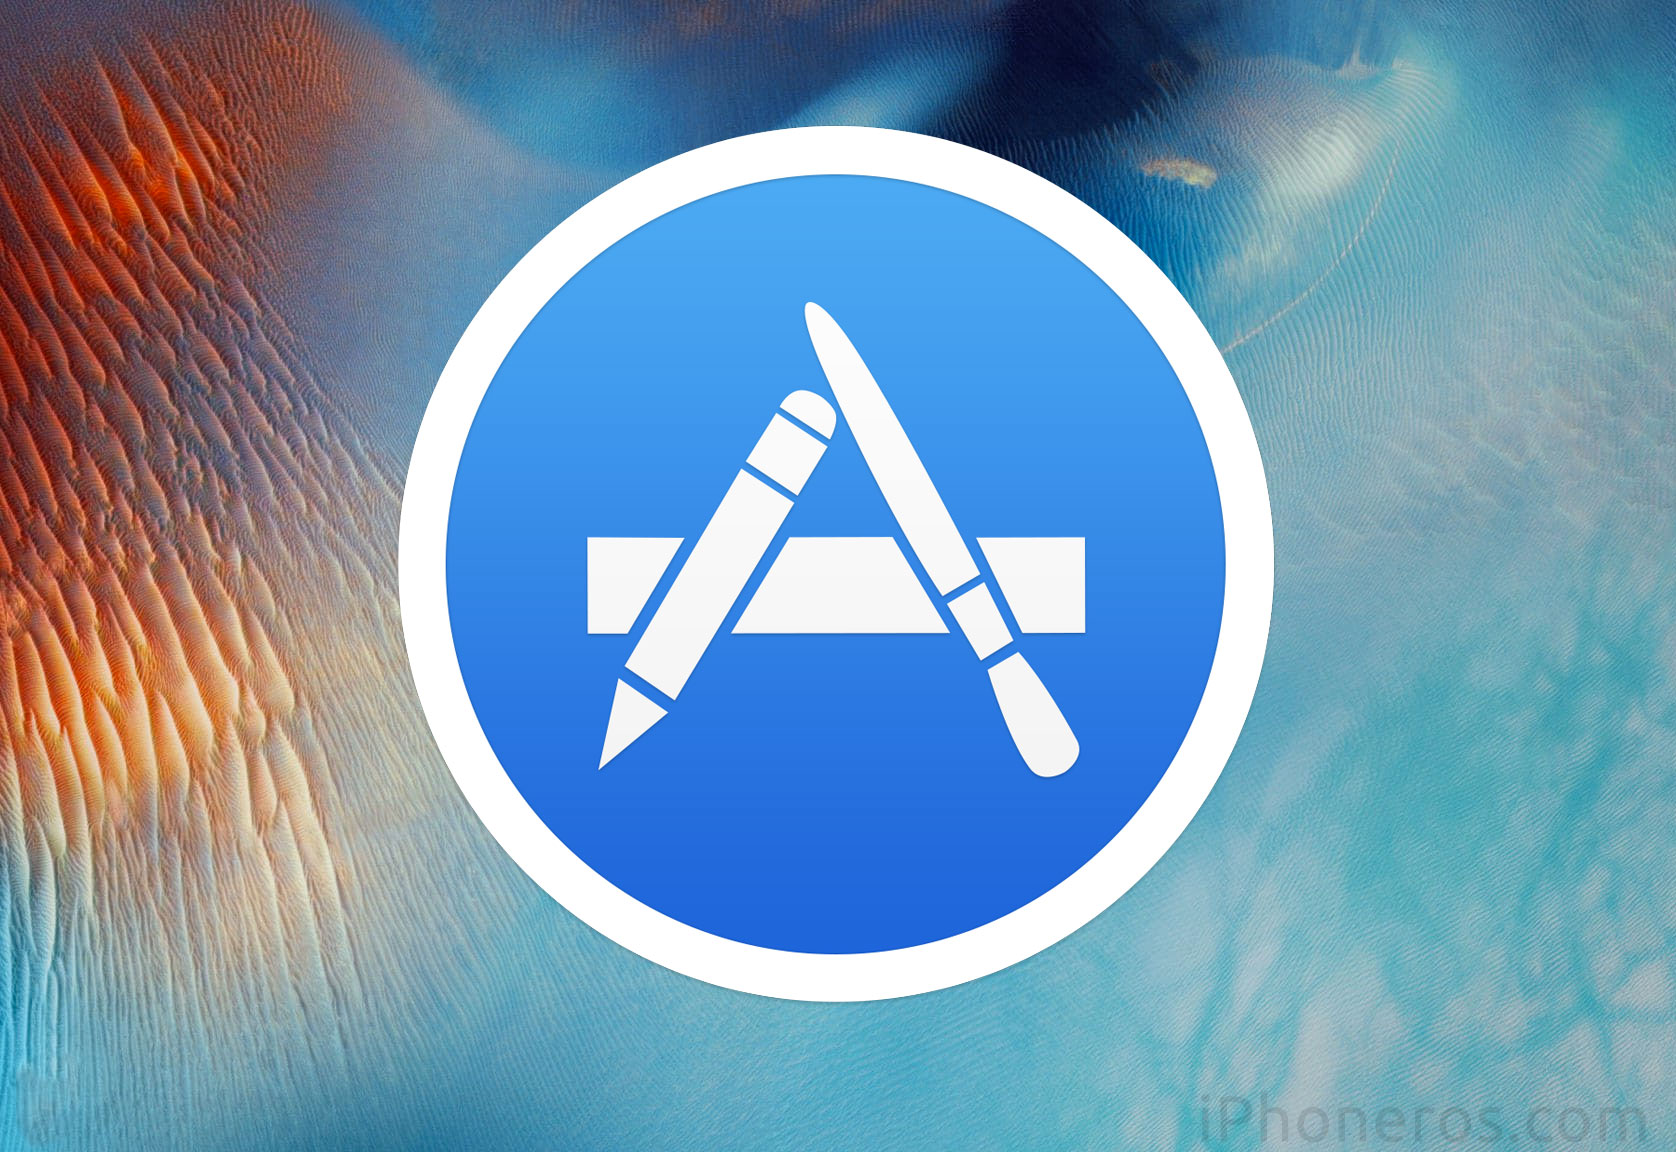 Icono de la App Store